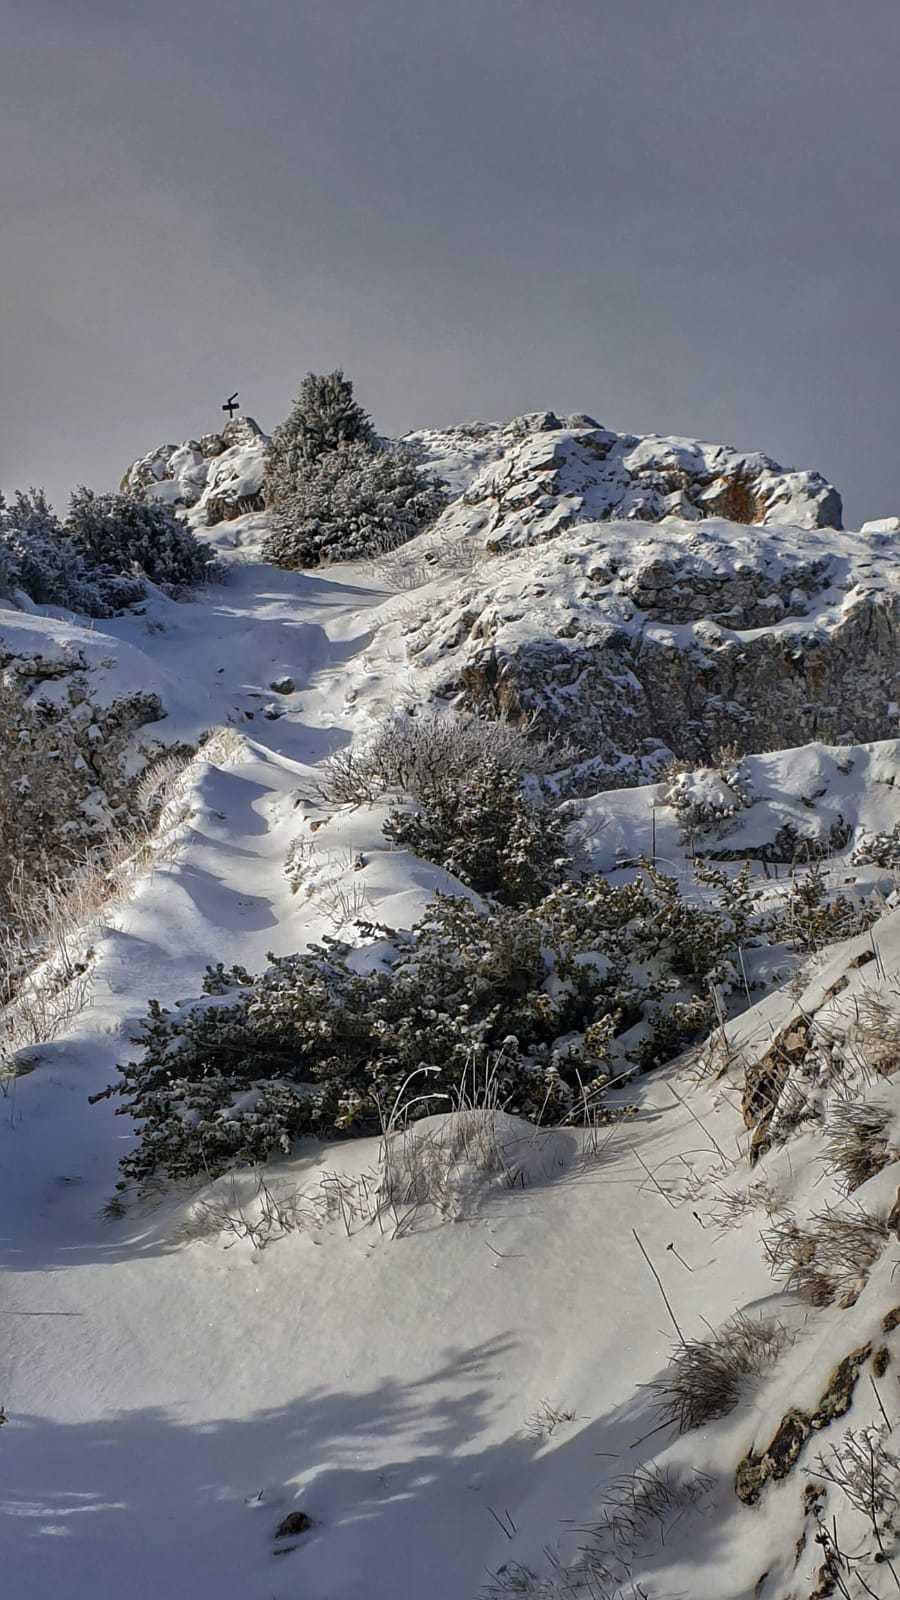 Nahikari Ayerdi Barandiaran erabiltzailea Castillo de Lapoblación (El león dormido) puntan, 2020-12-30 11:08